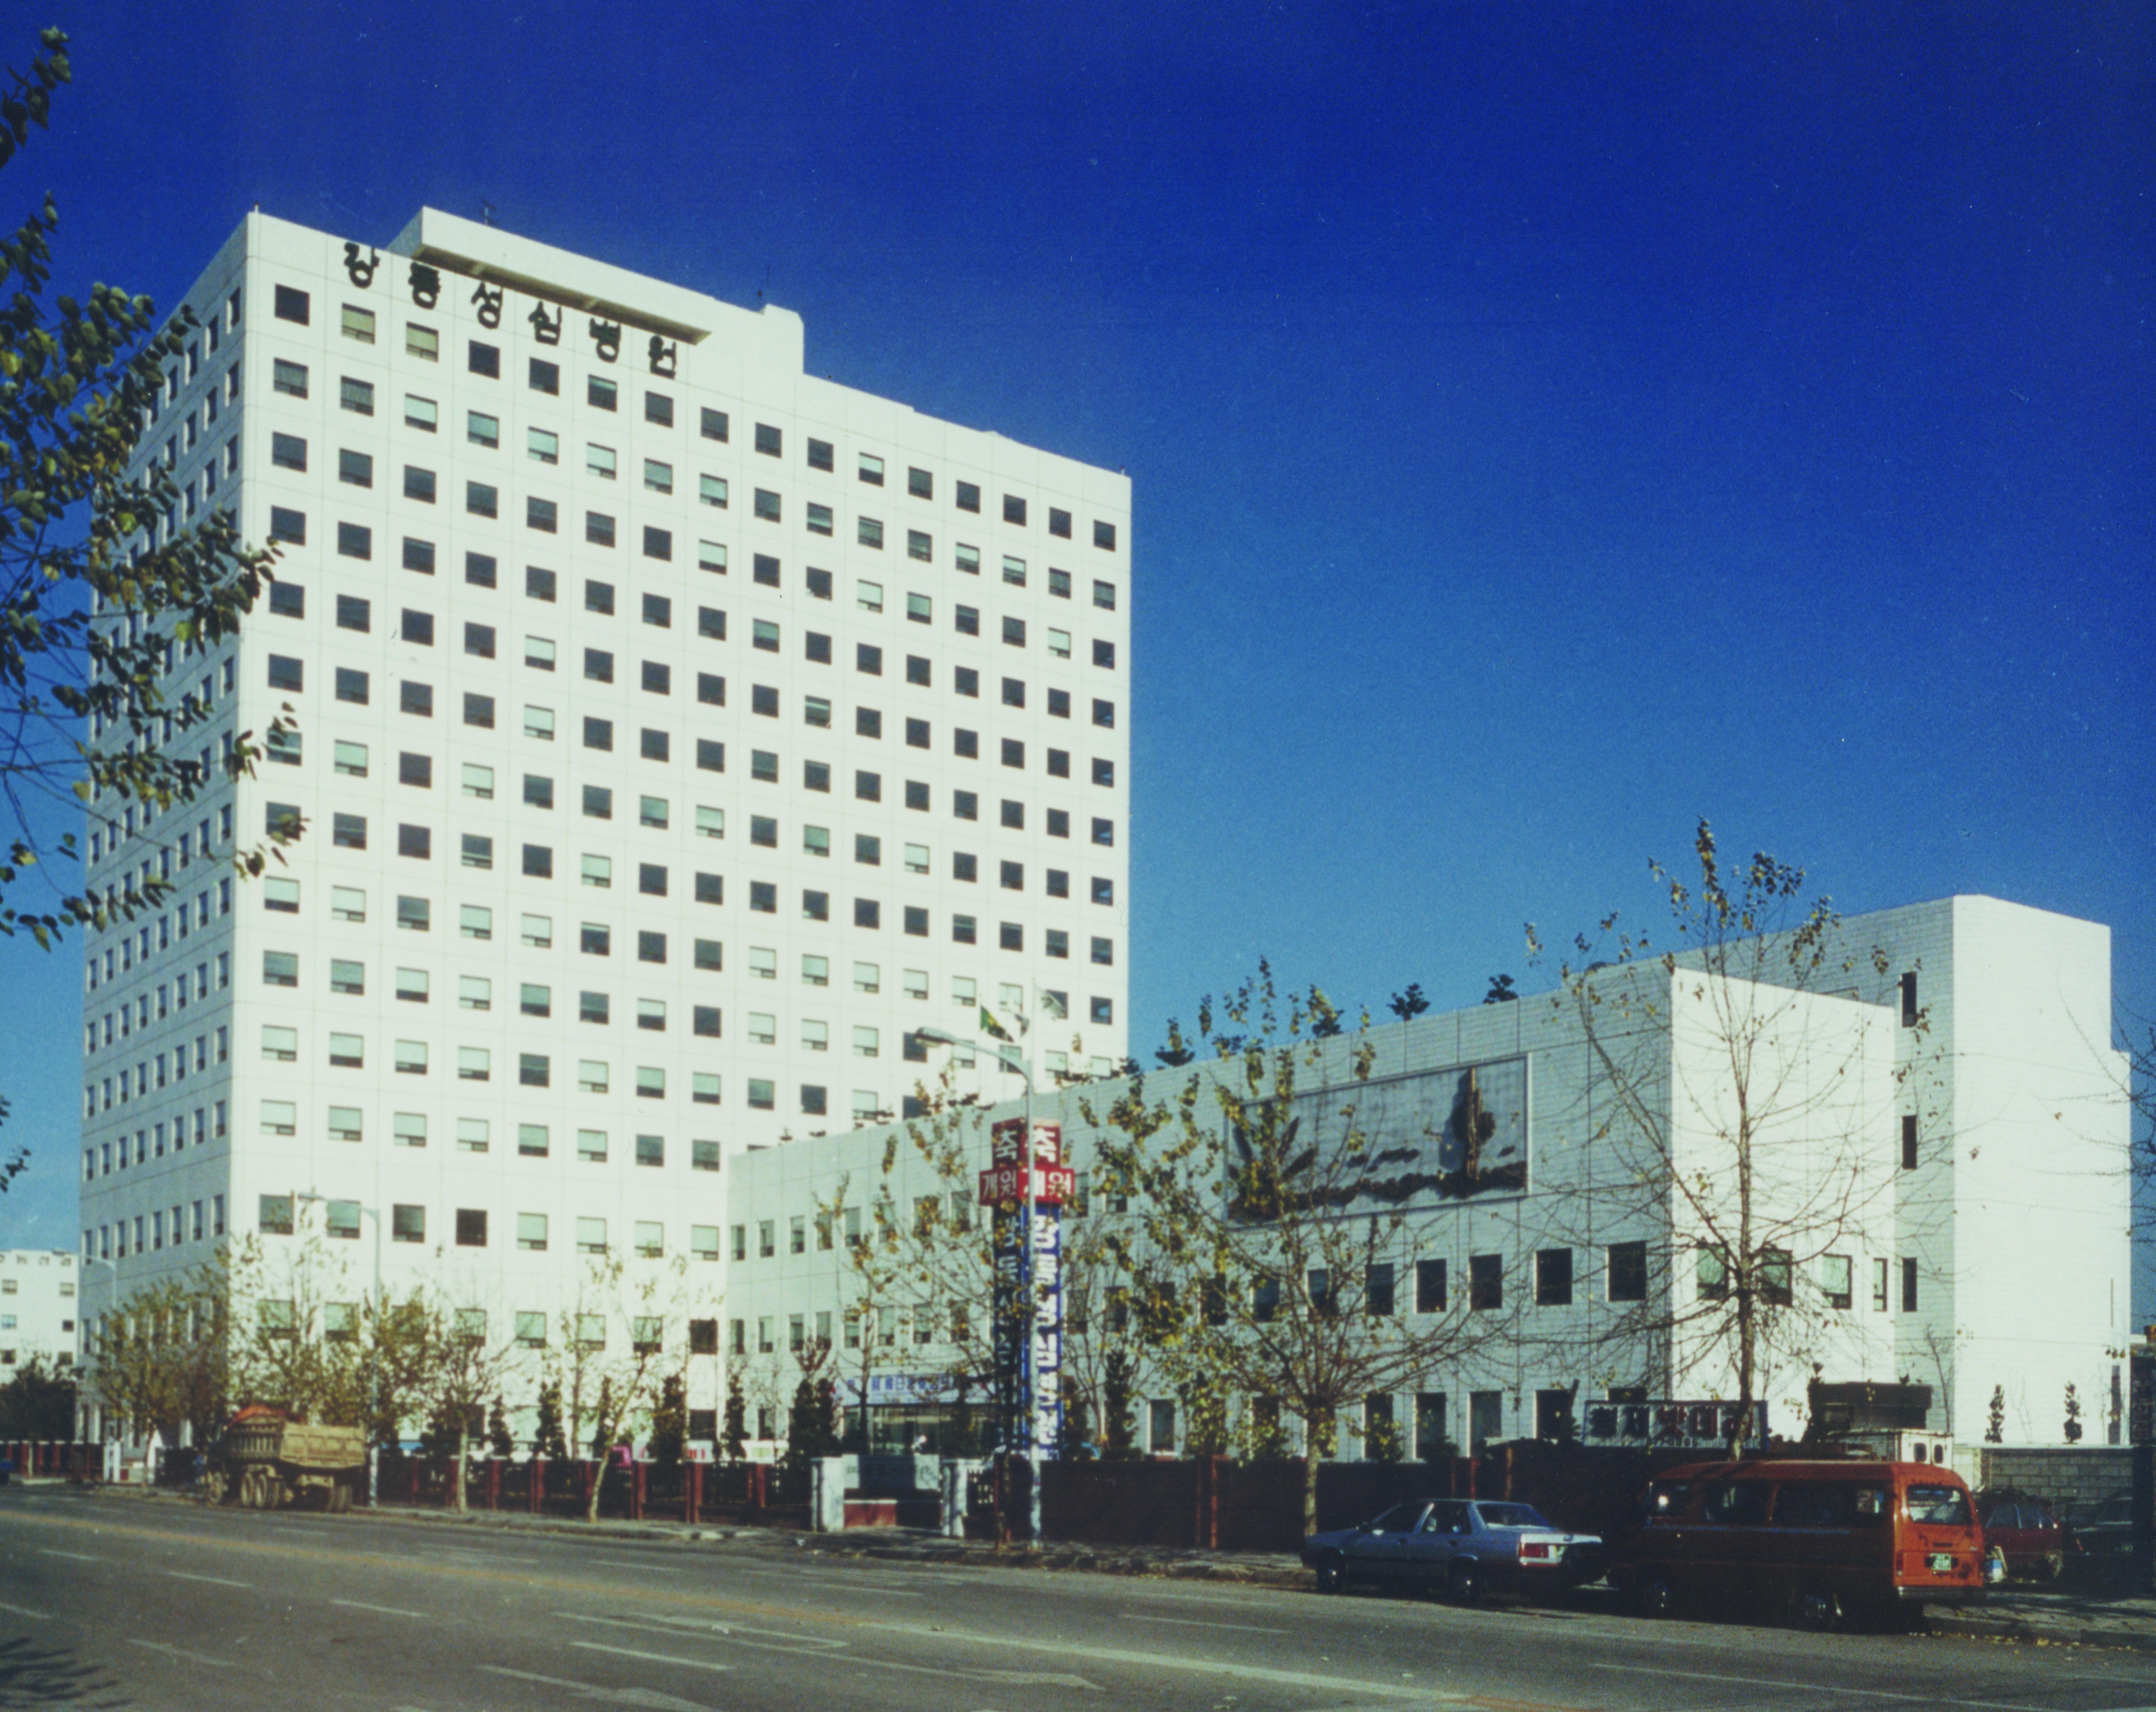 19861022 22-8_강동성심병원(초창기건물).jpg